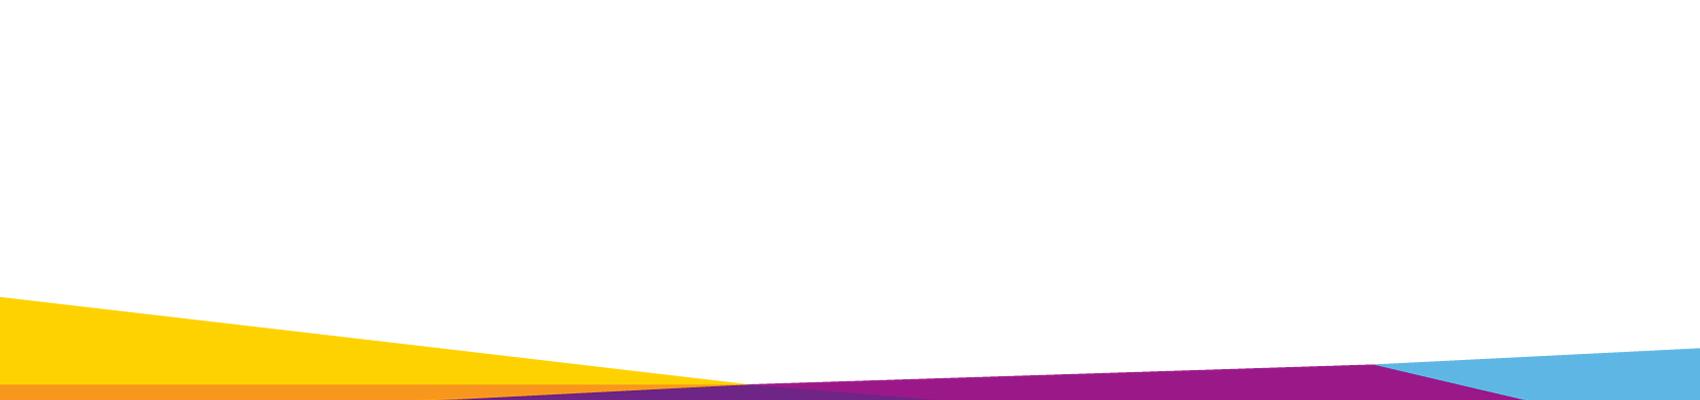 netgear-banner-bg